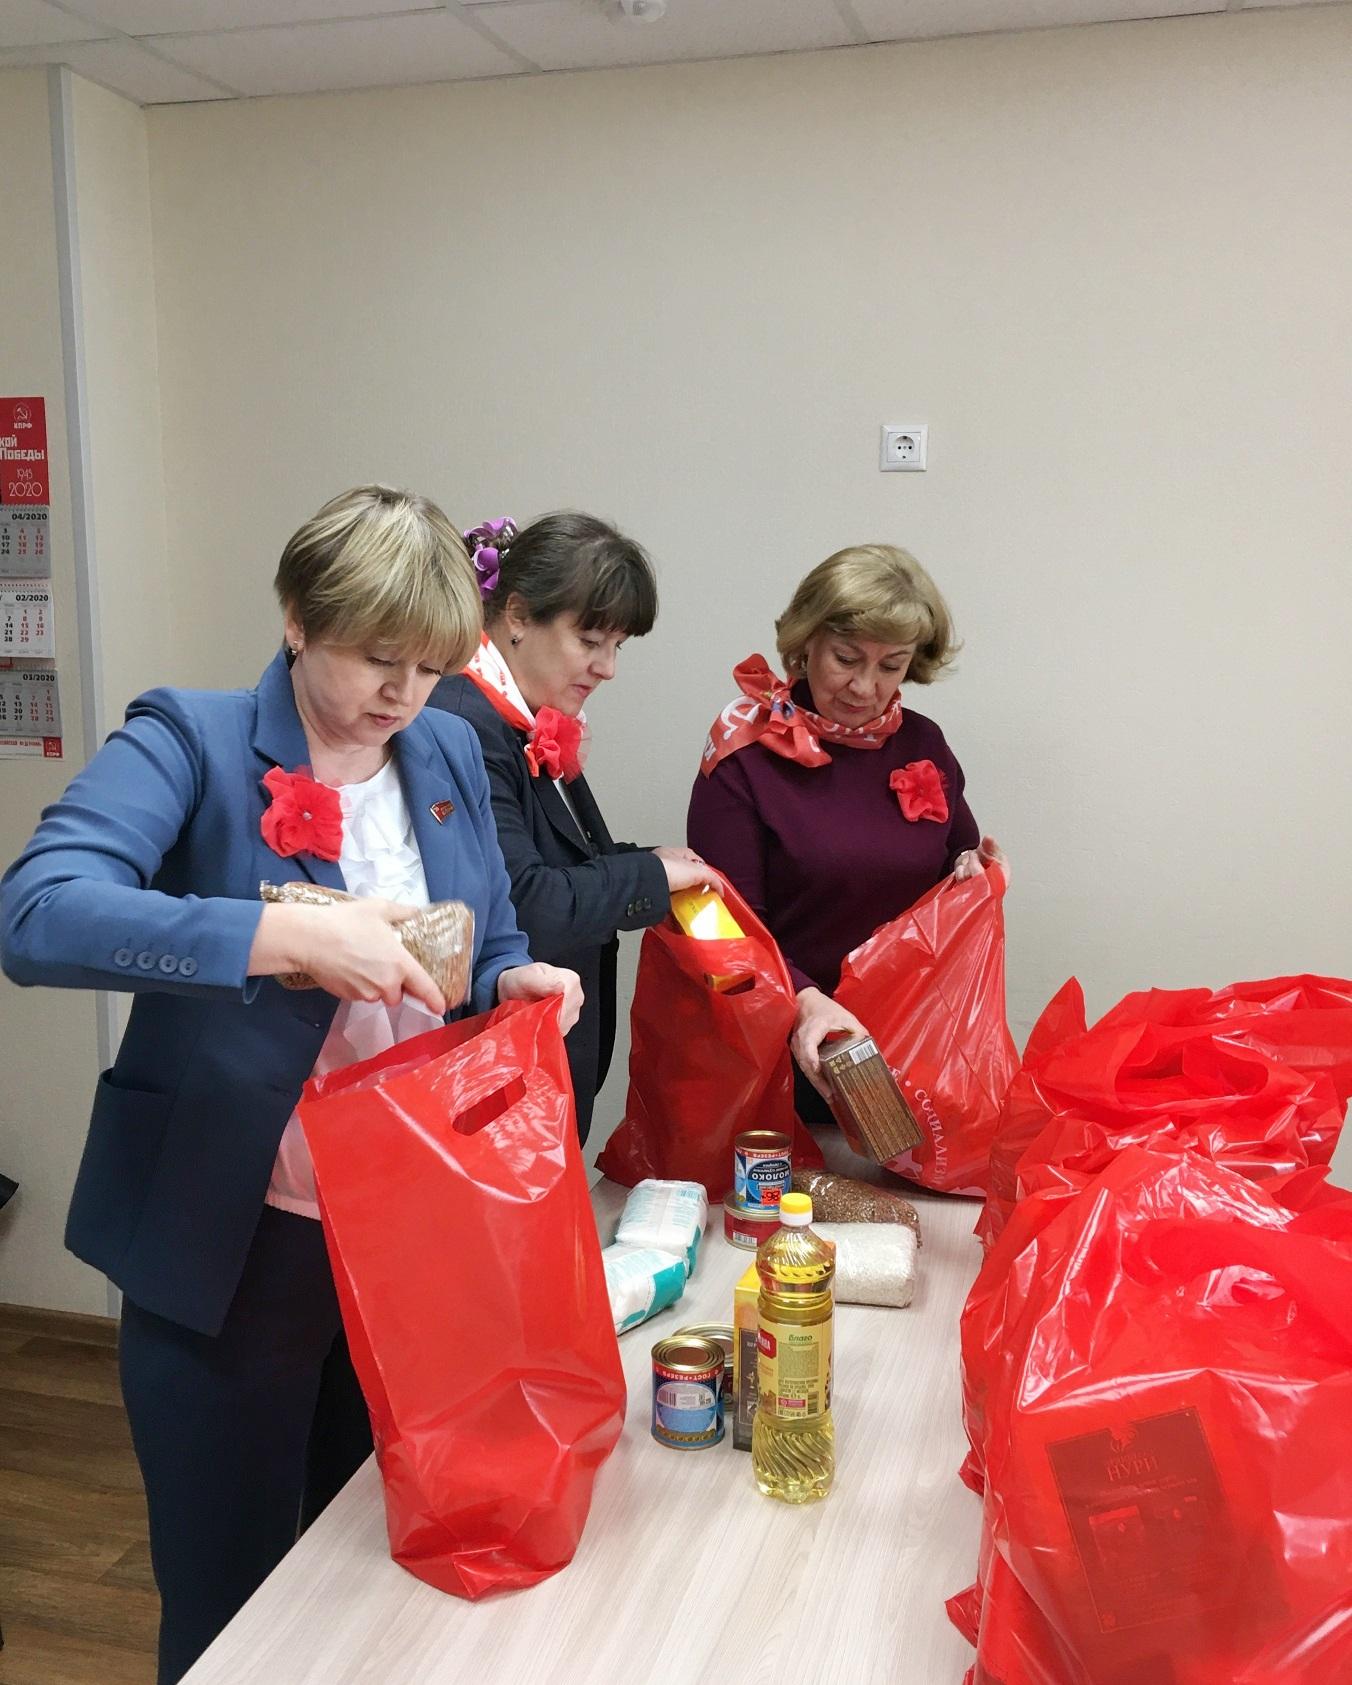 Депутат-коммунист Елена Кузнецова оказала помощь многодетным семьям Ярославля